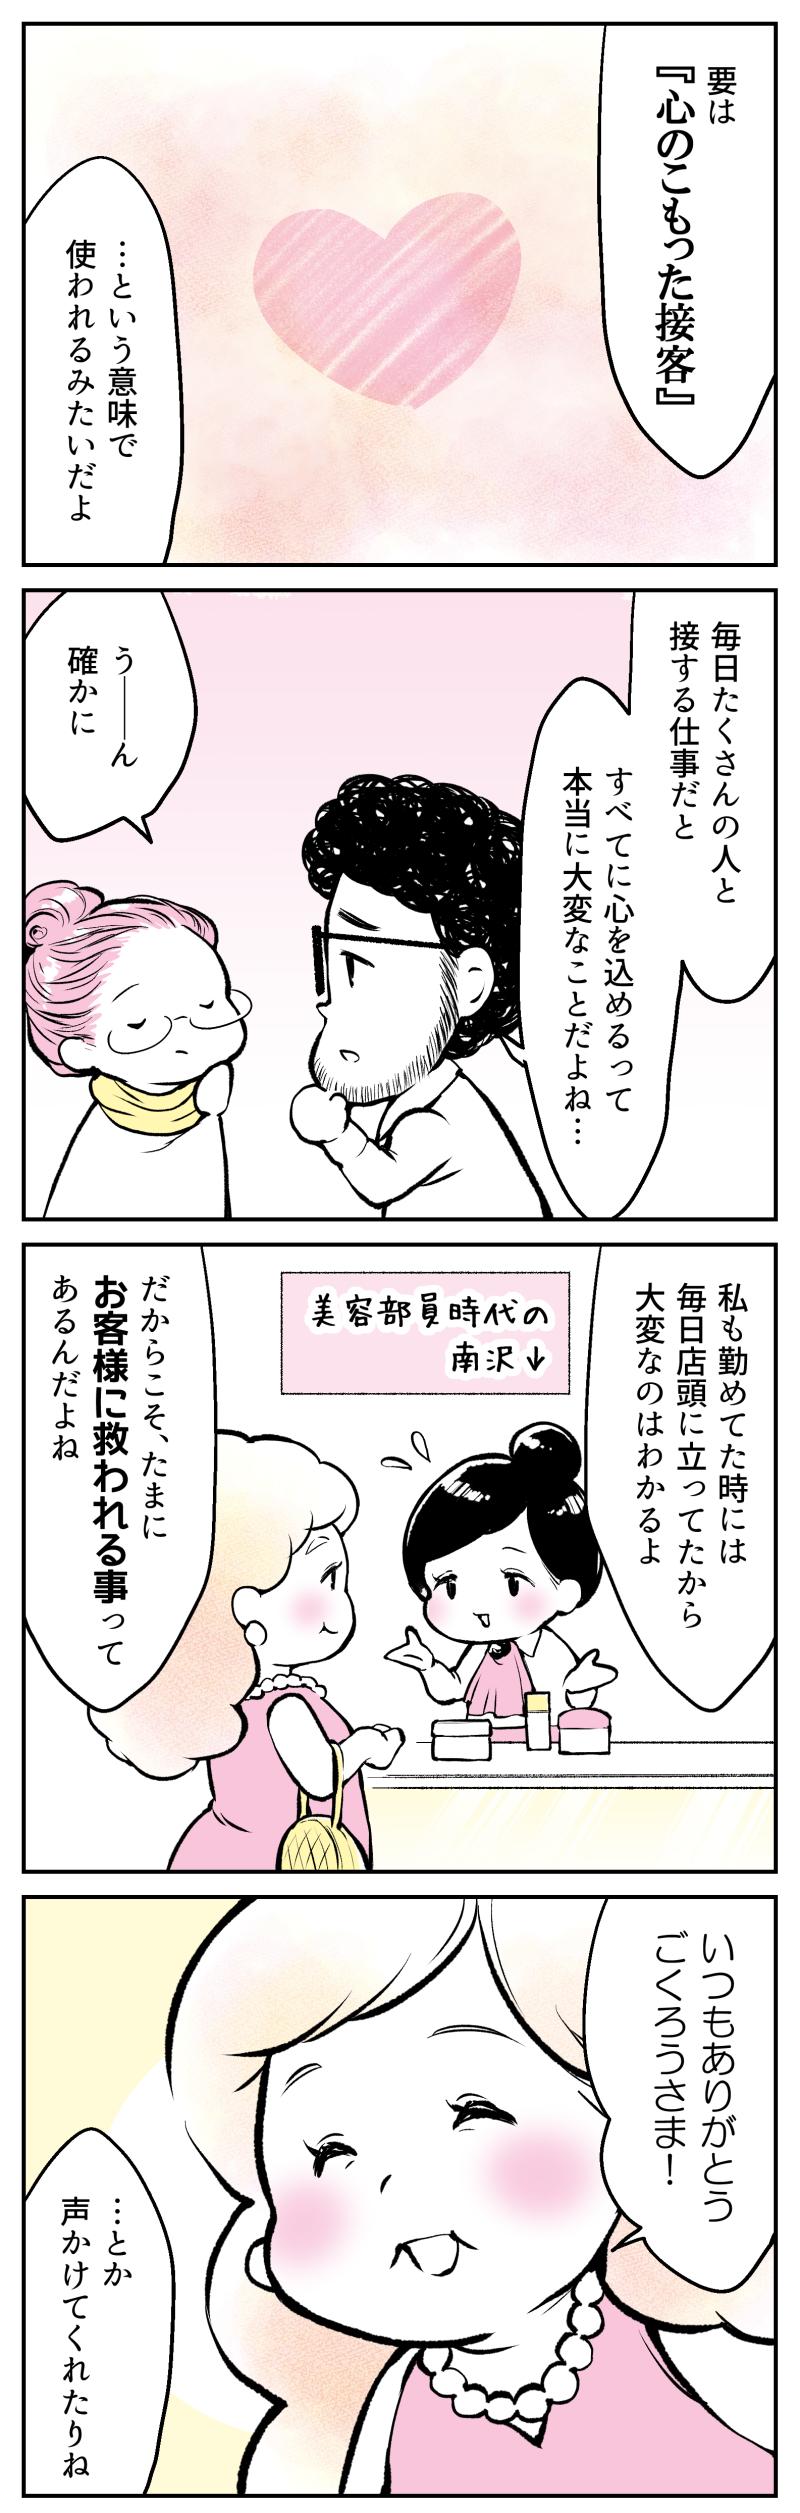 伯爵2話_009.jpg